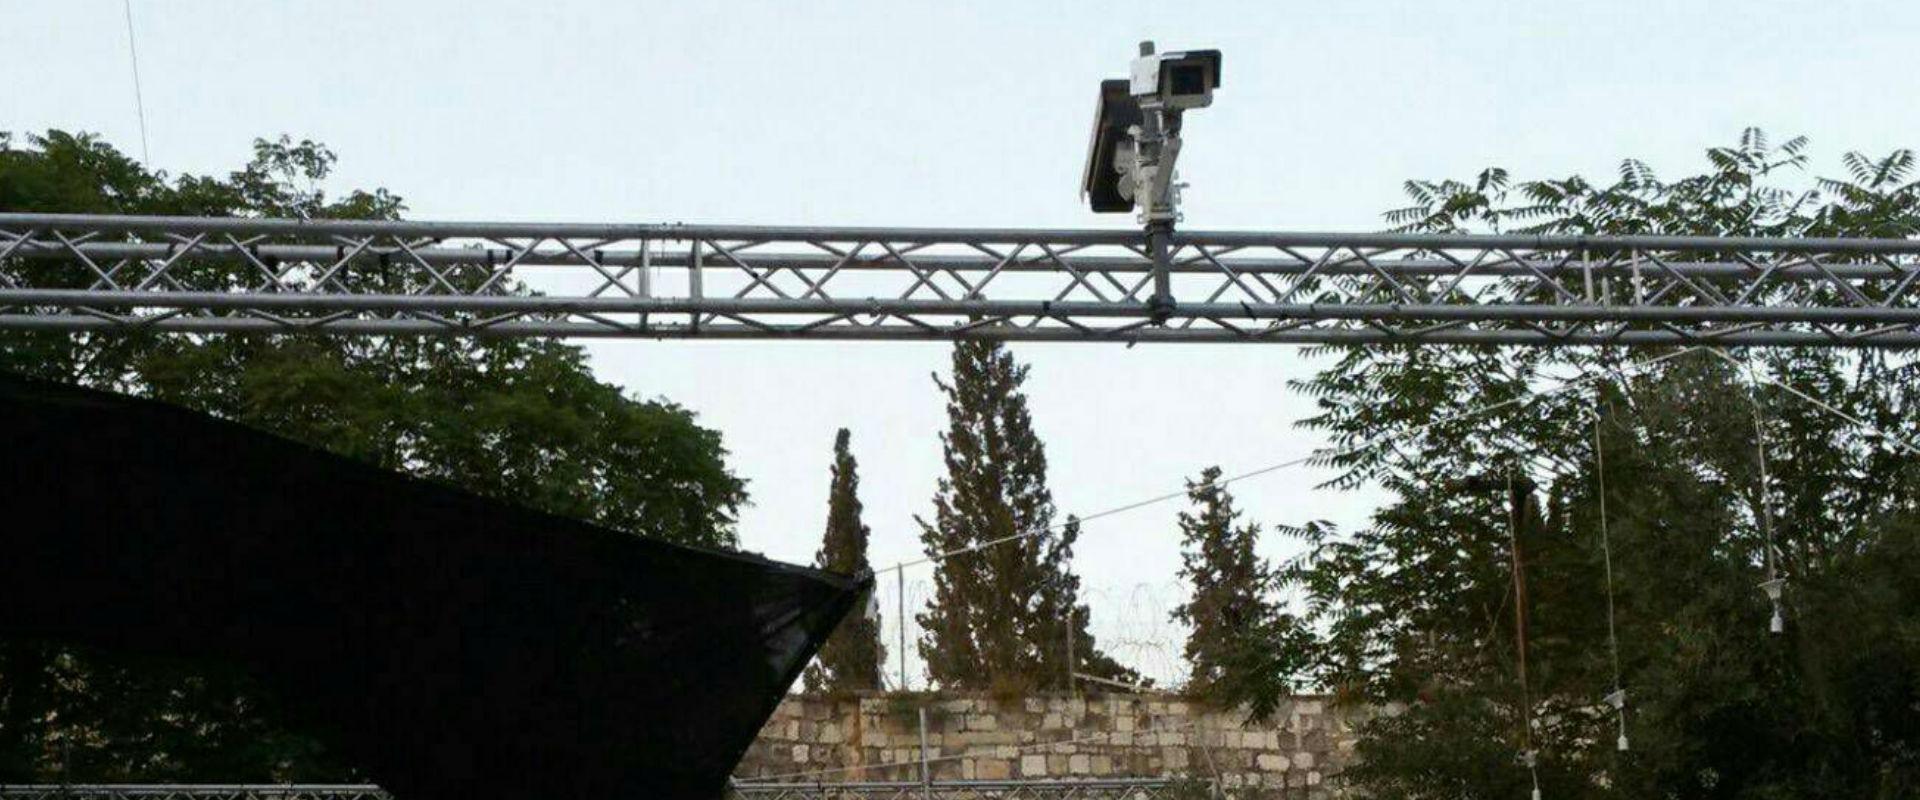 מצלמות האבטחה בכניסה להר הבית